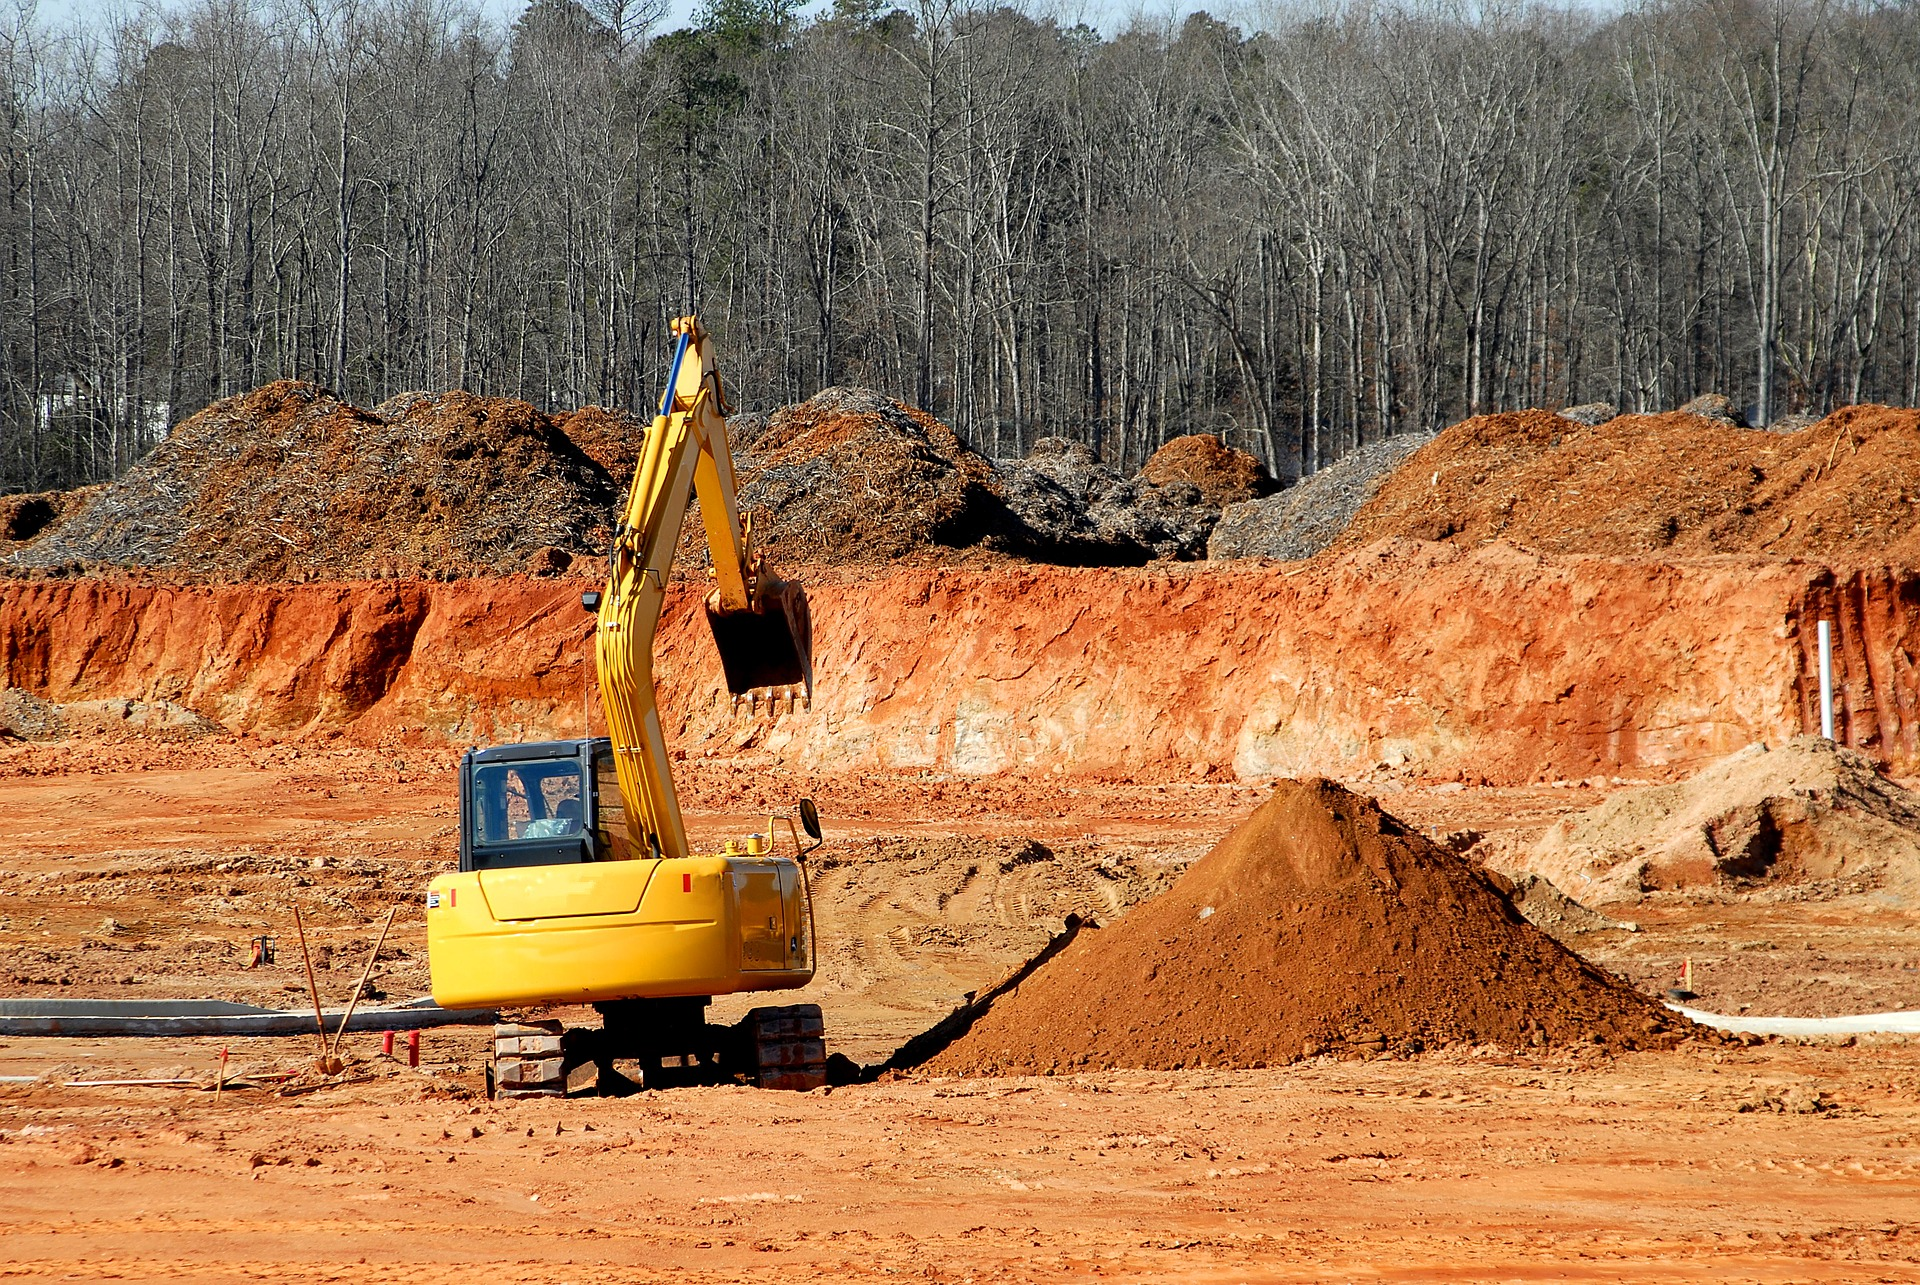 bouwvergunning geweigerd